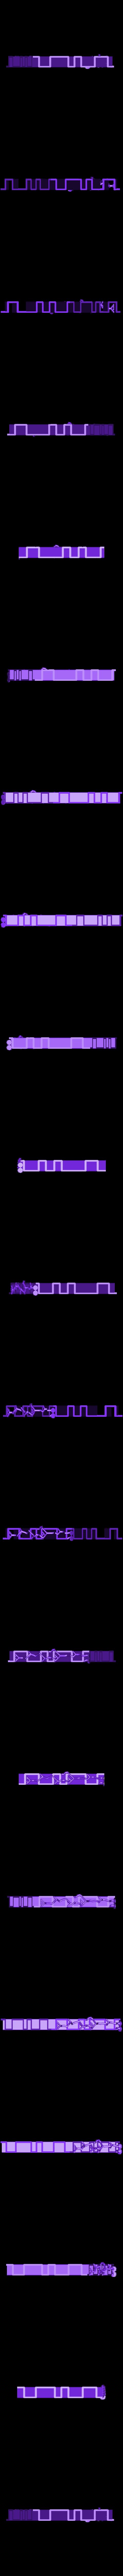 square_wave_desk_tidy_with_supports.stl Télécharger fichier STL gratuit WAVE bureau rangé collection • Design à imprimer en 3D, tone001